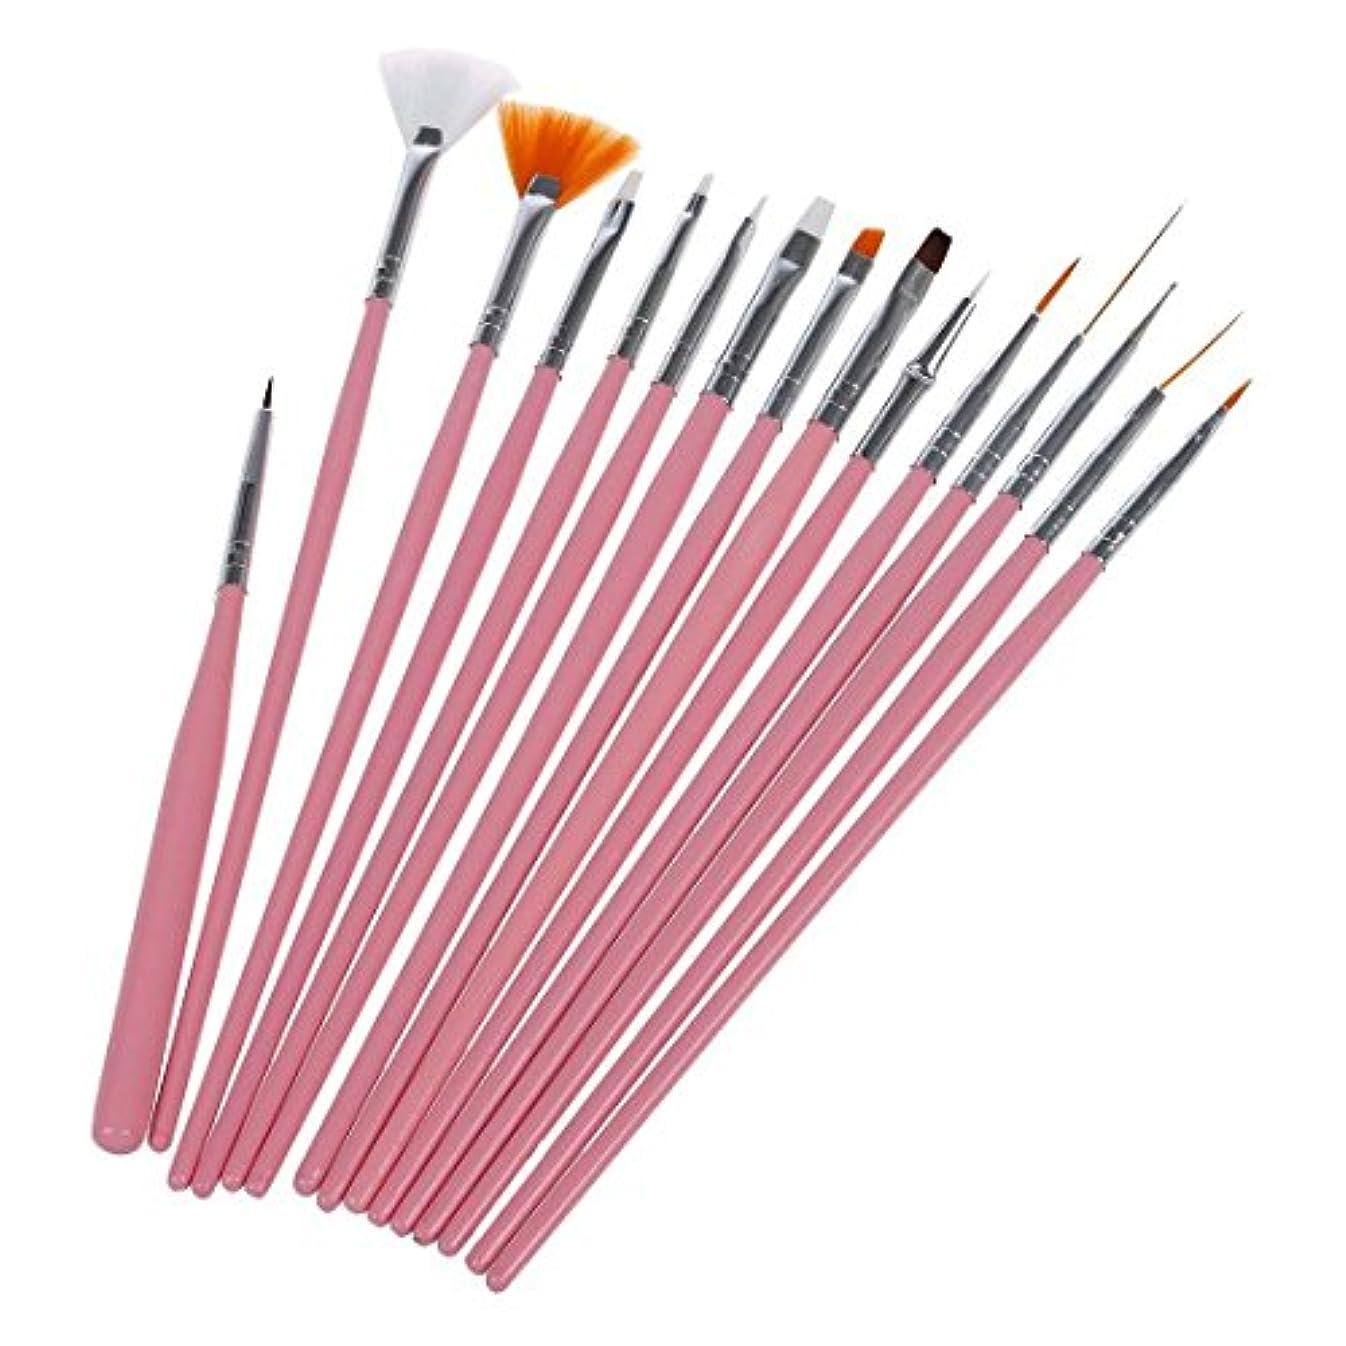 SODIAL(R) 15Xネイルアートアクリル UVジェル 設計ブラシセット ペインティングペン チップツールキット ピンク